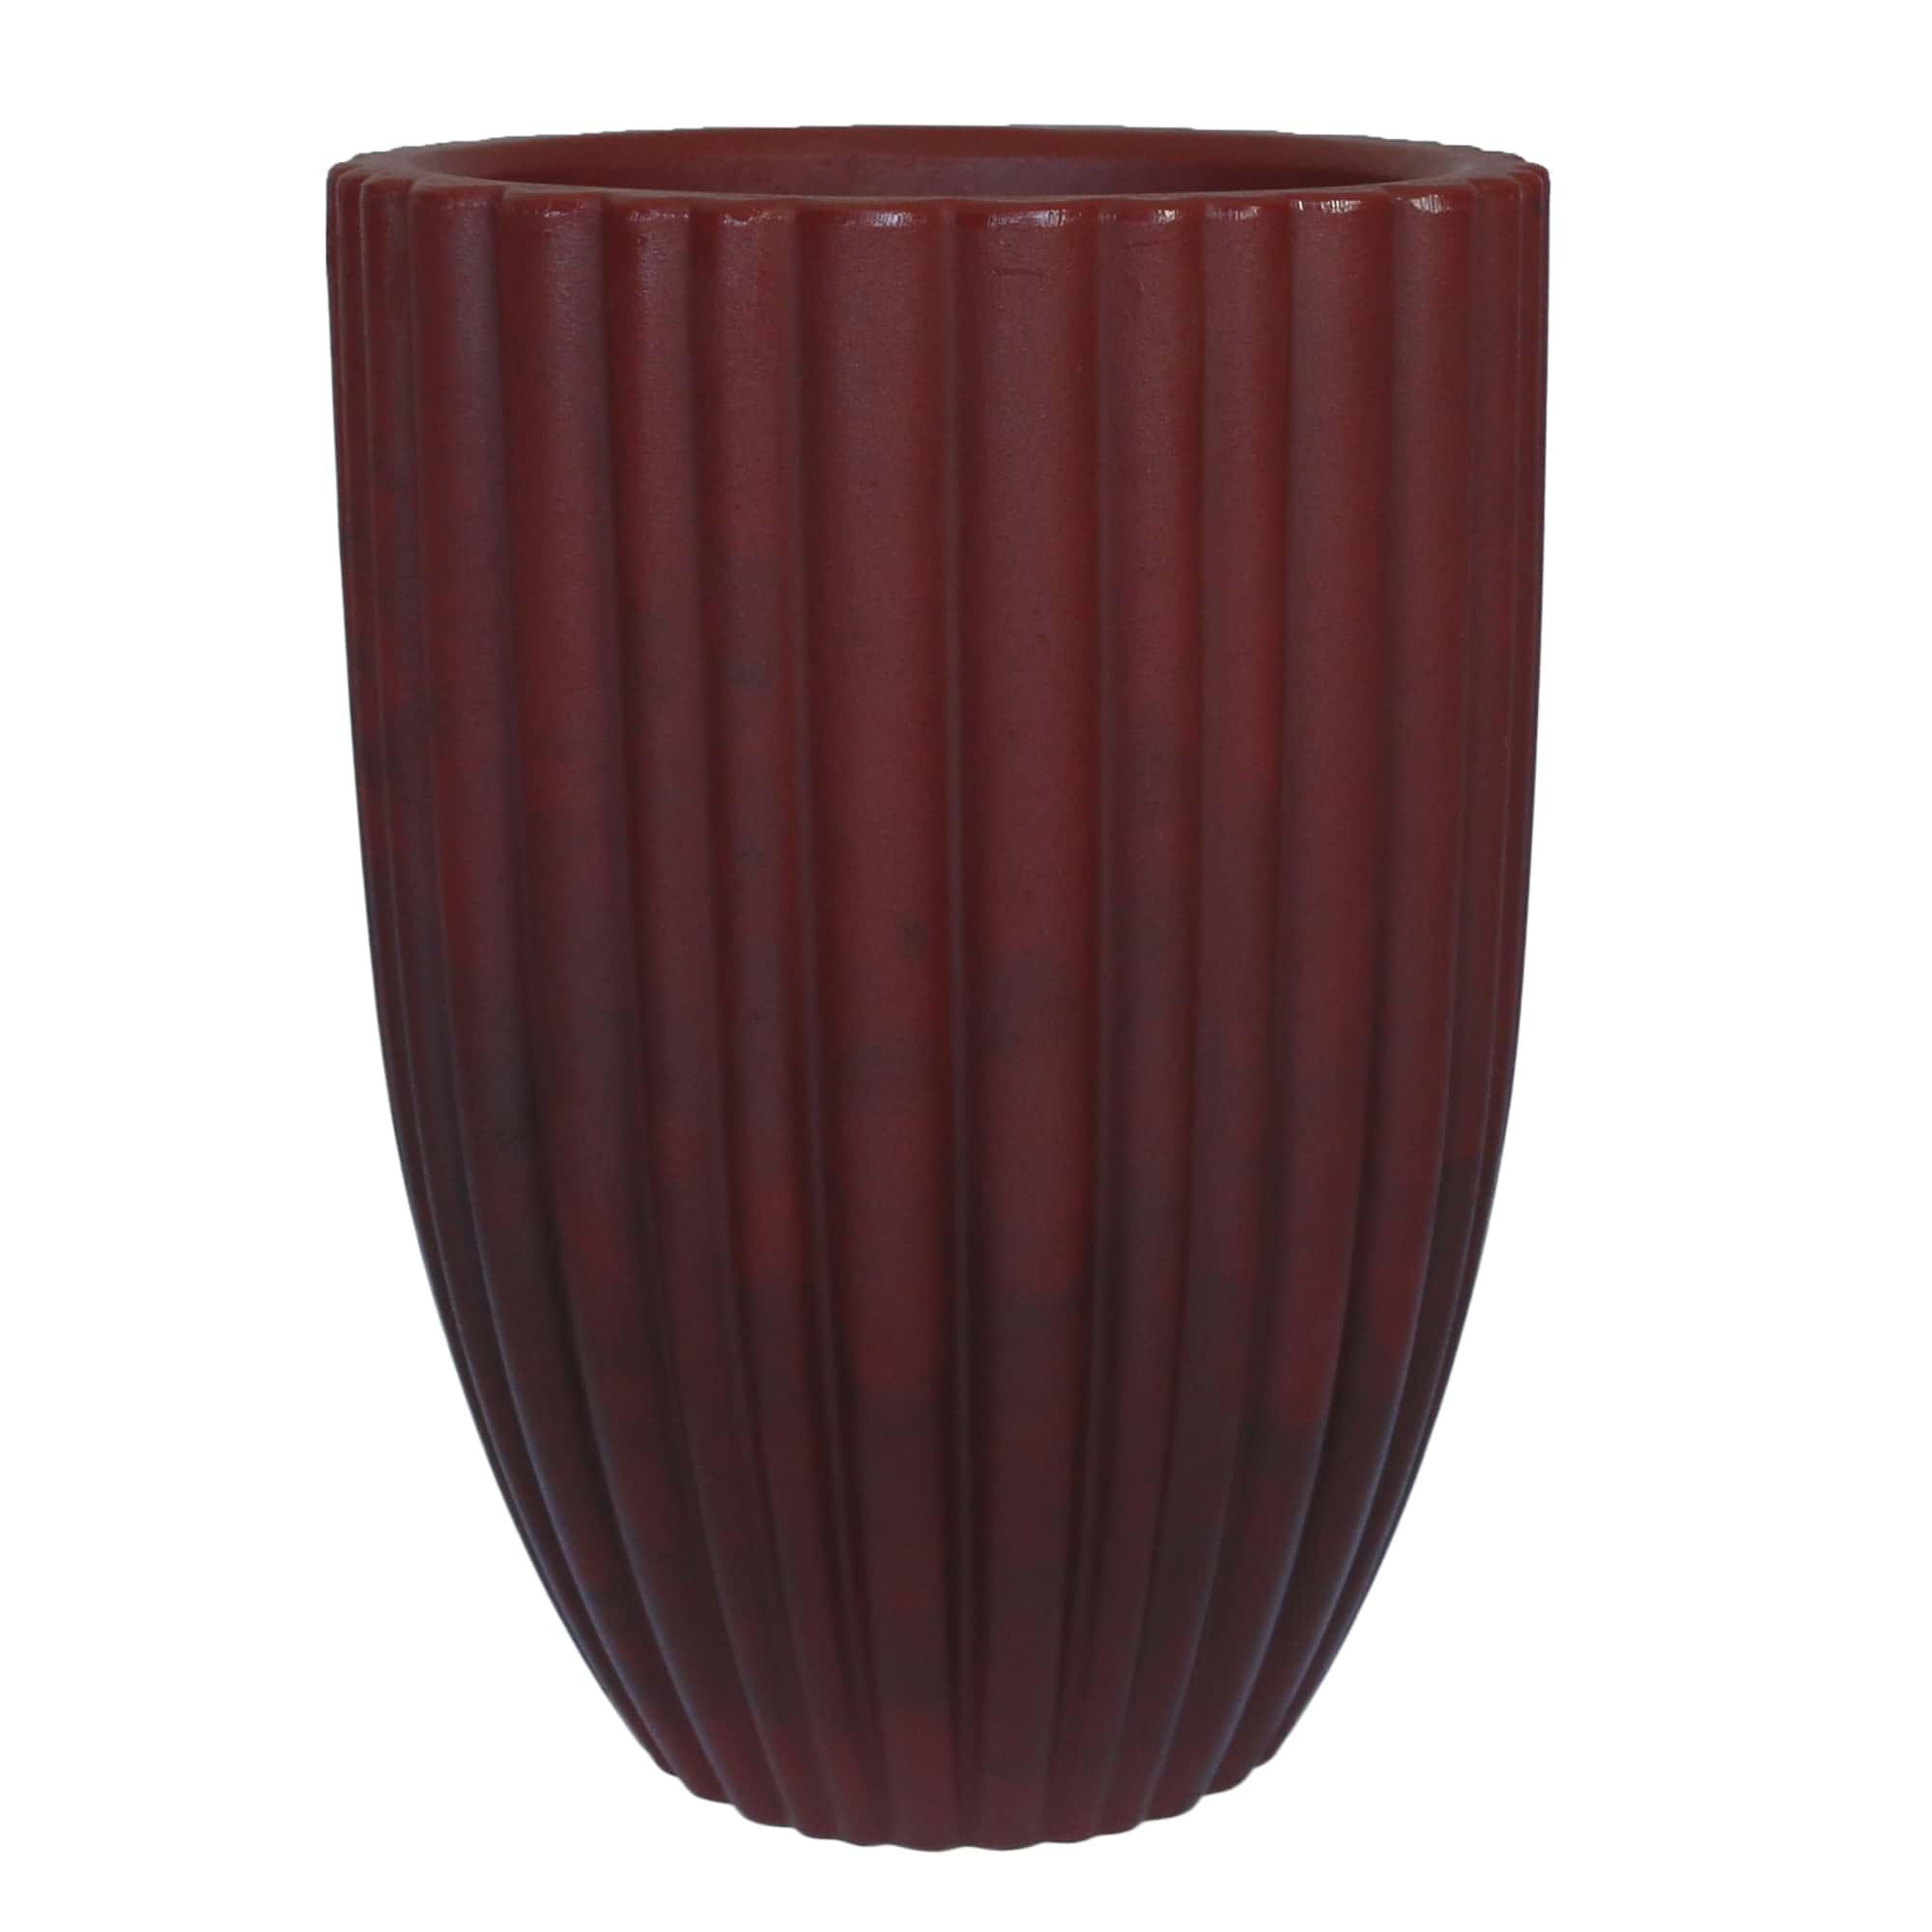 Vaso Cacau 42 x 54 cm Antique Vermelho